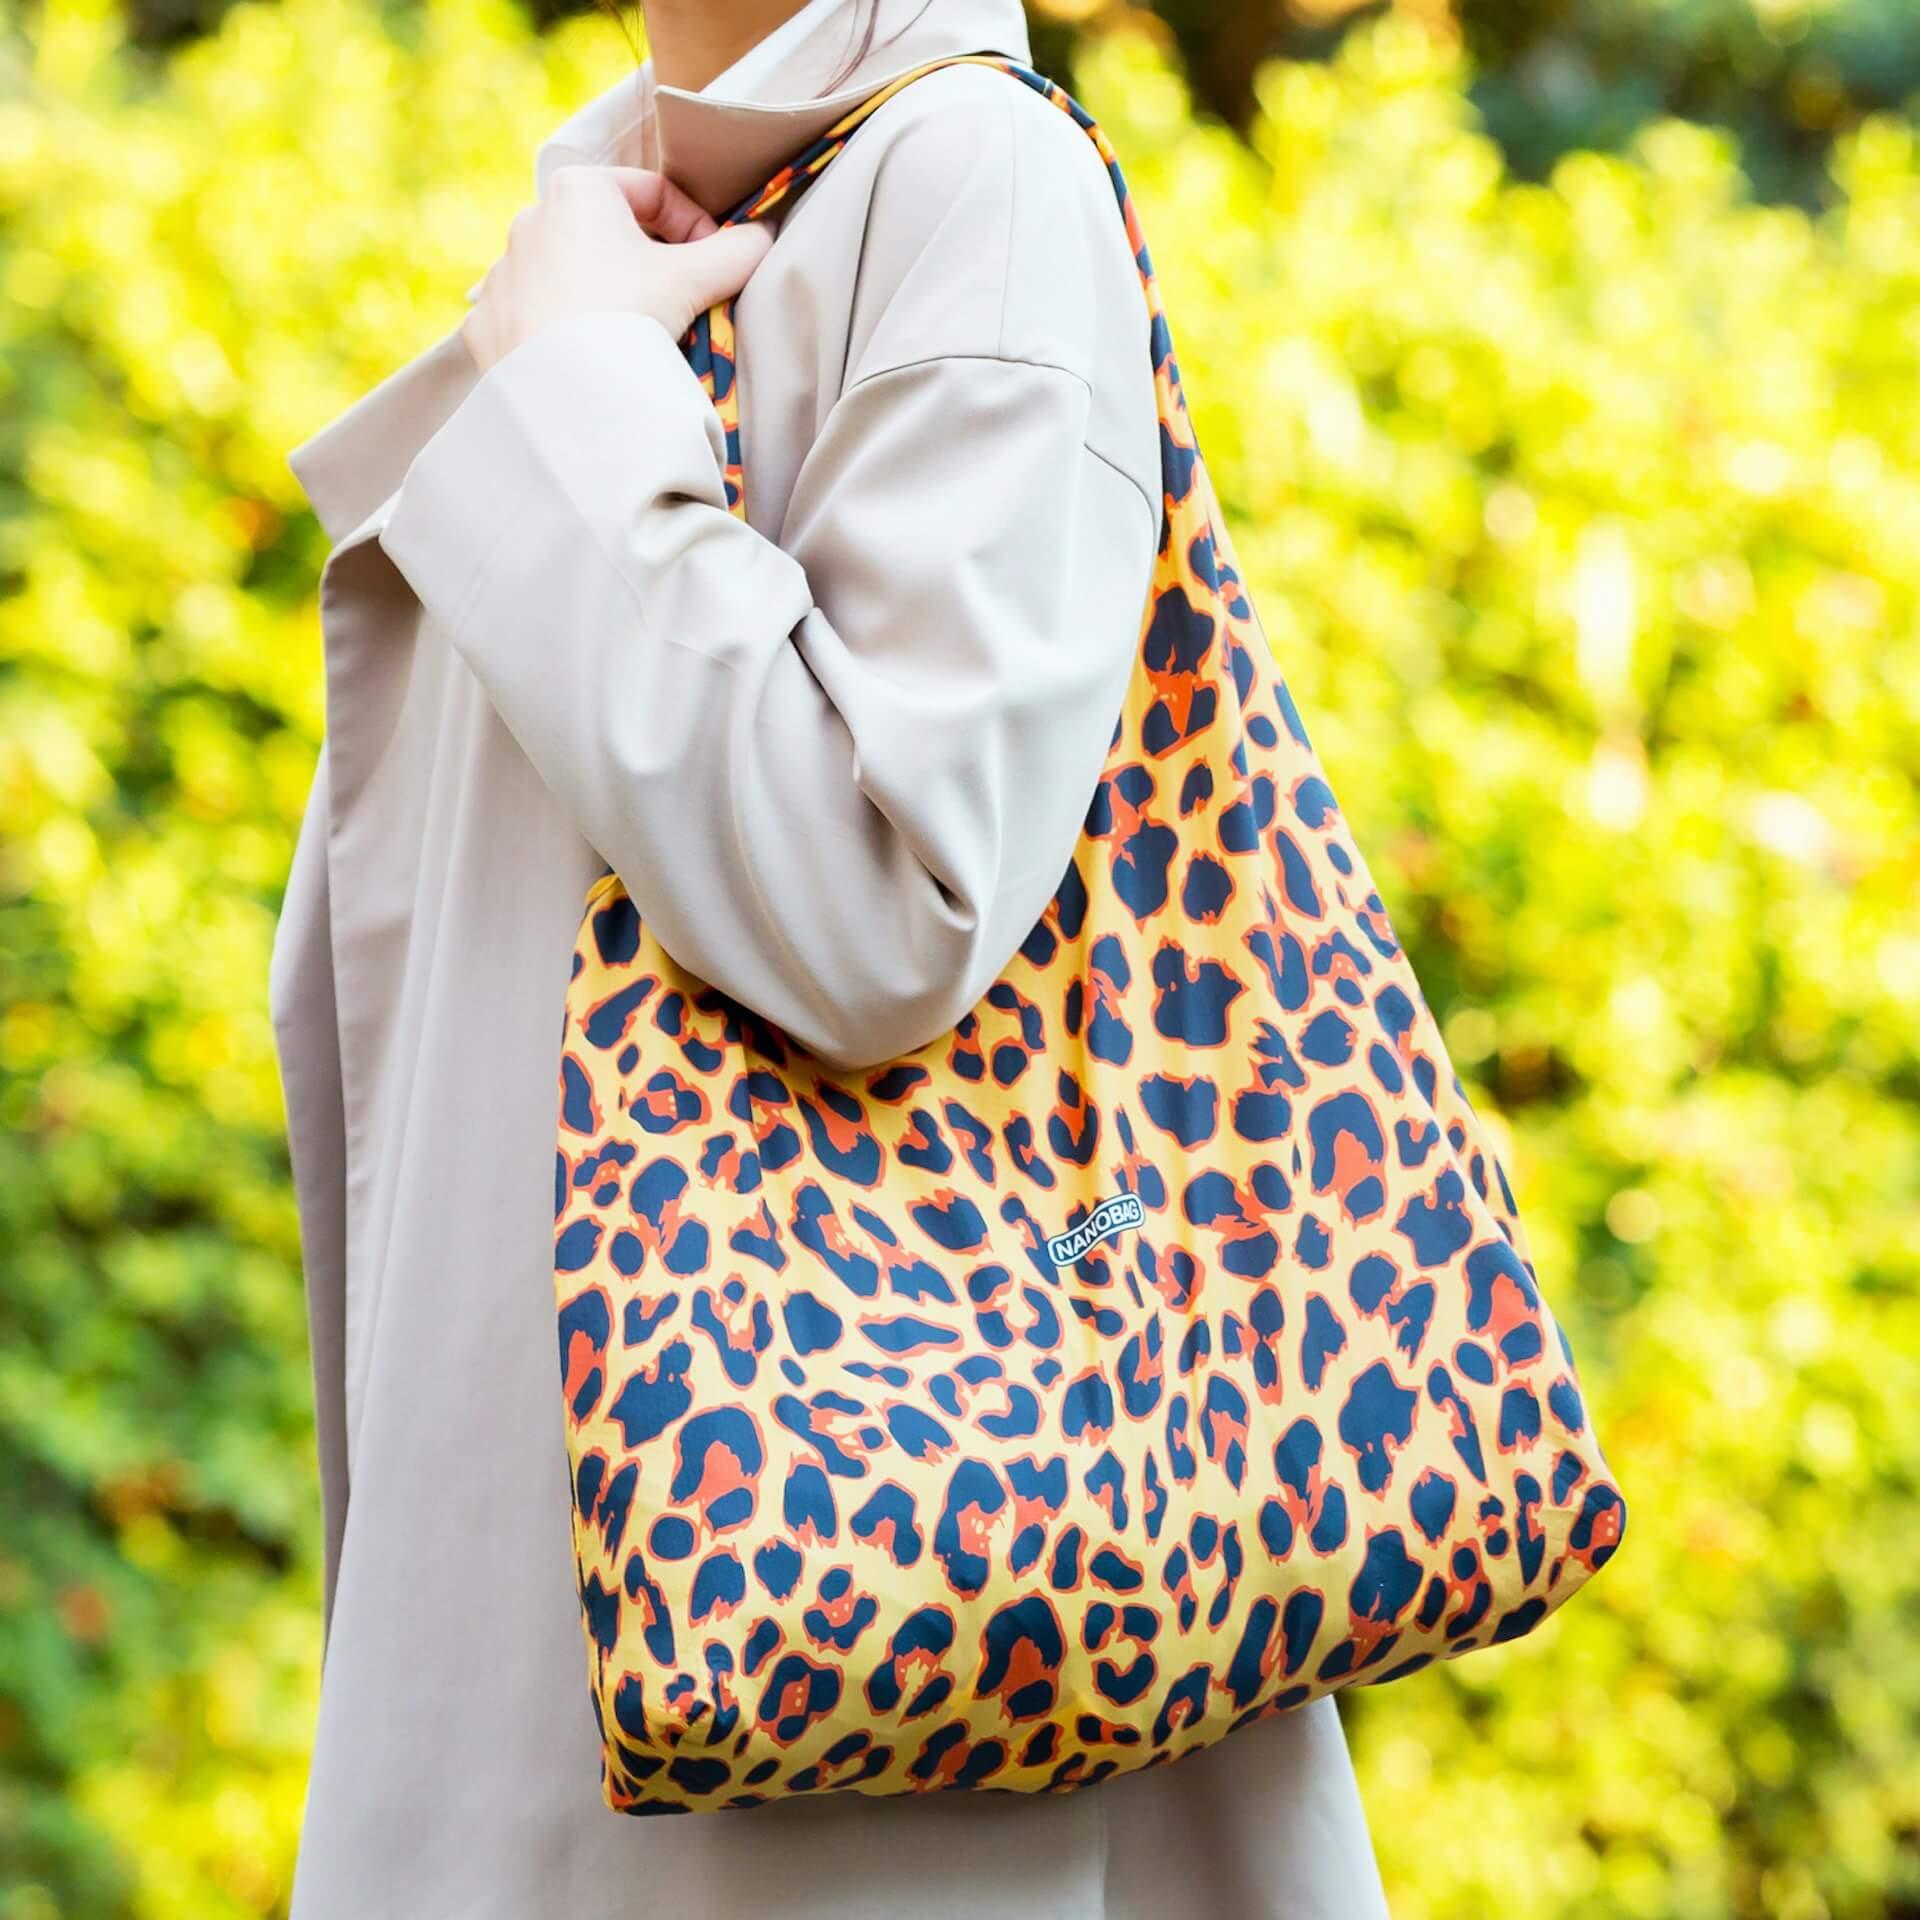 手のひらサイズのエコバッグ『NANOBAG』でお買い物しよう!全国販売を記念したTwitterプレゼントキャンペーンが実施 ac200714_nanobag_14